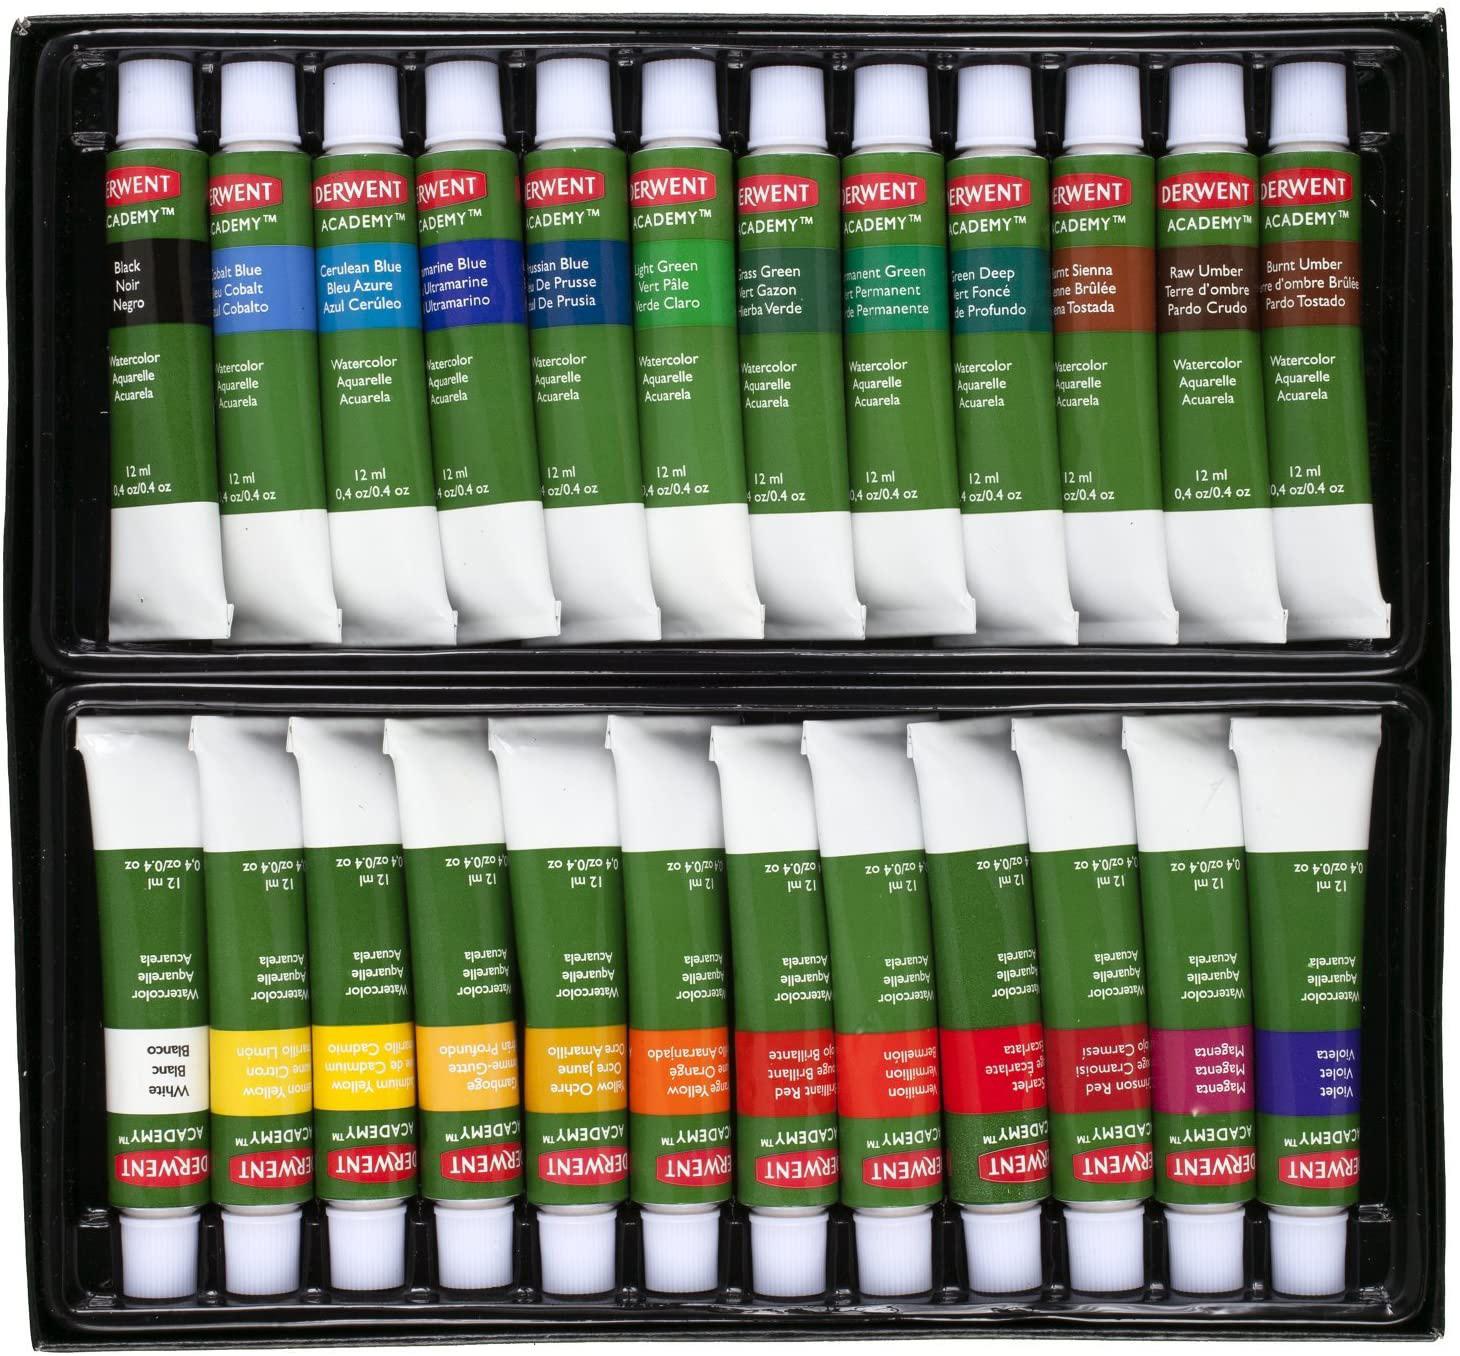 Краски акварельные 24цв., в тюбике Derwent Academy, ассорт. Derwent - фото 2